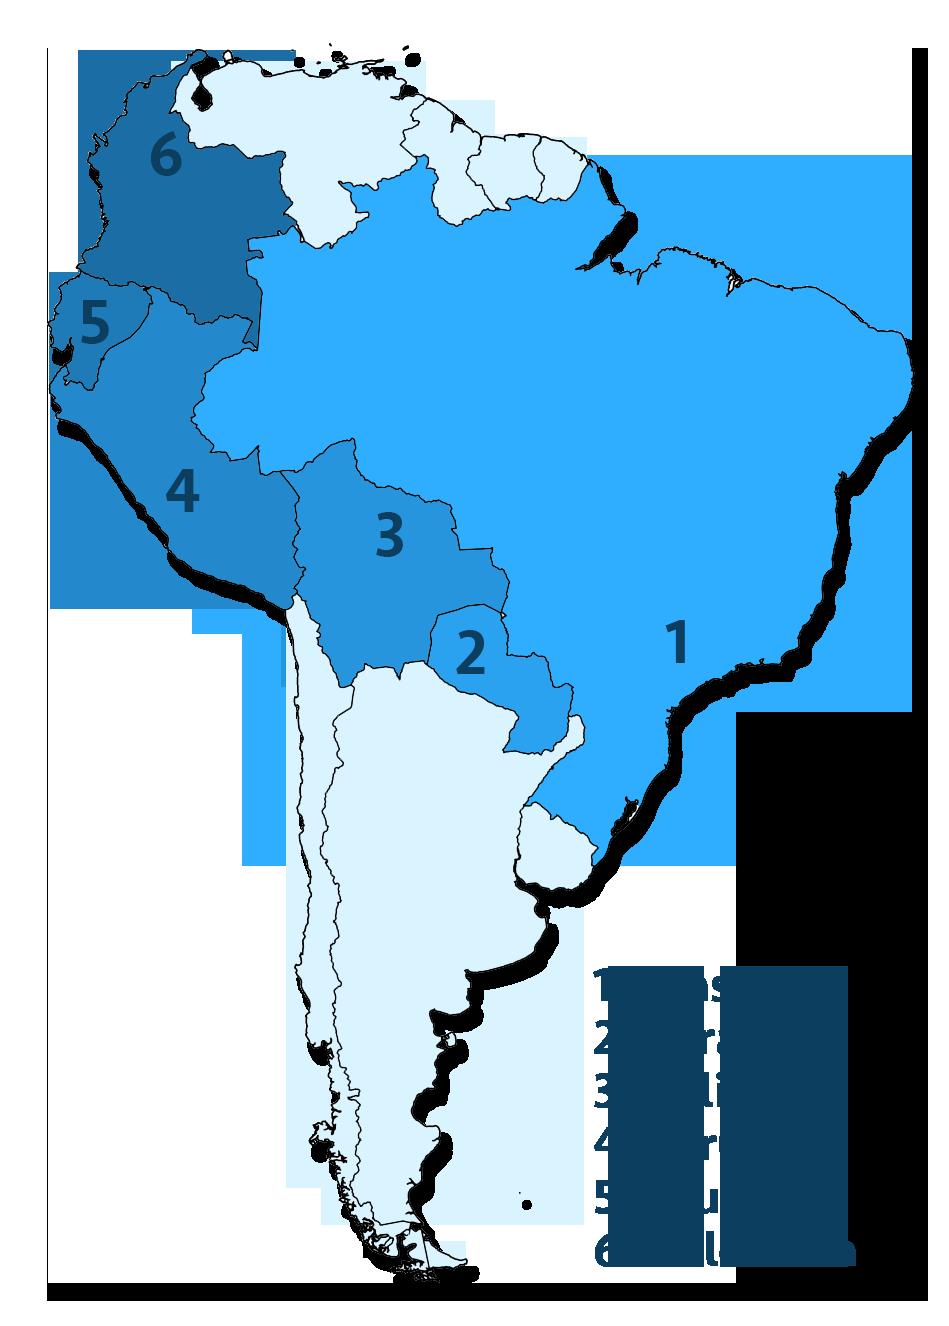 sør amerika kart Reiserute og budsjett for å reise gjennom Sør Amerika